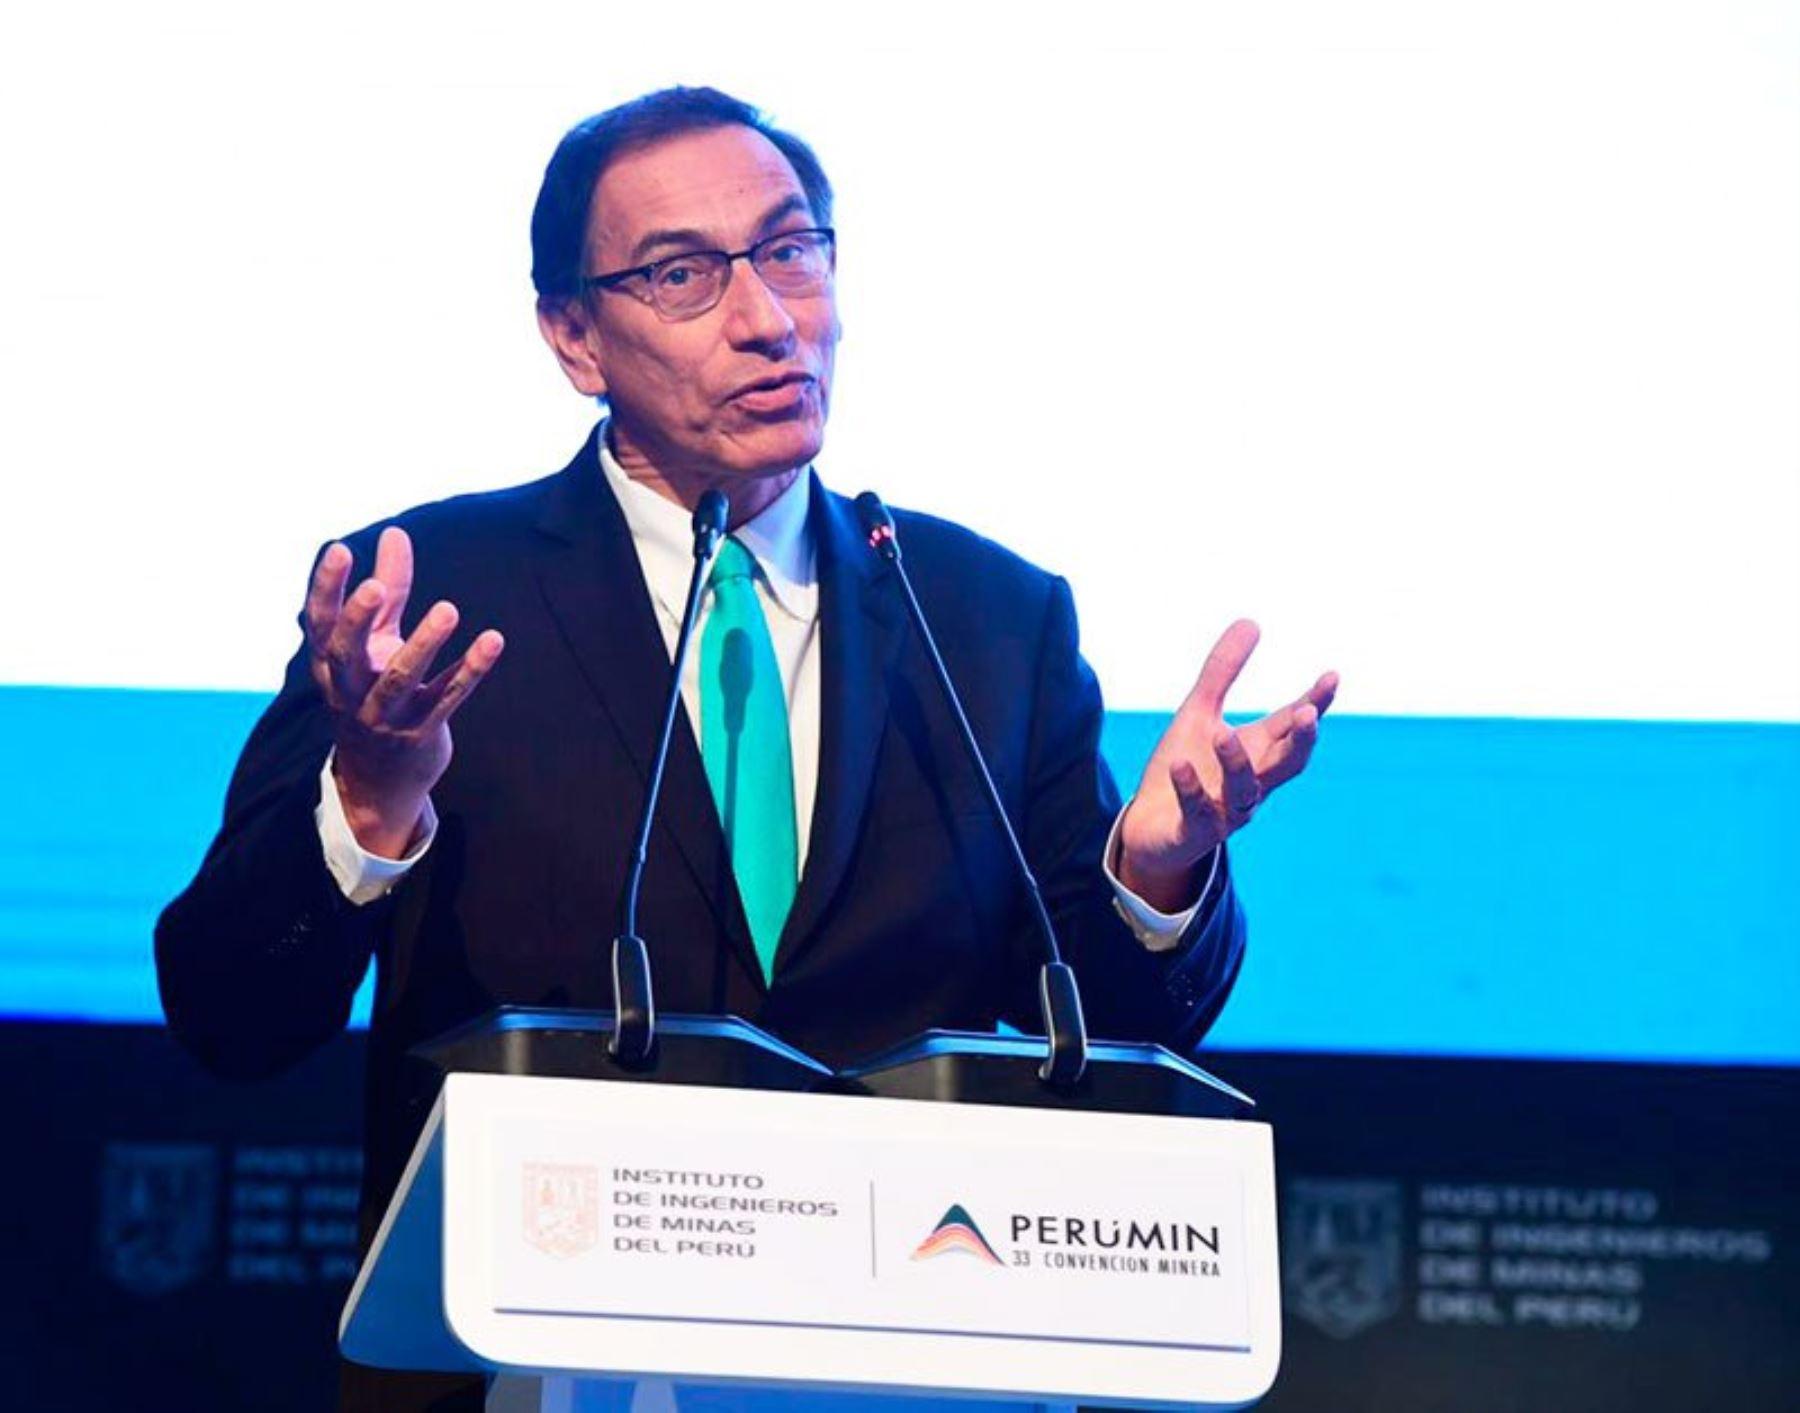 Vicepresidente Martín Vizcarra. Fuente: Perumin